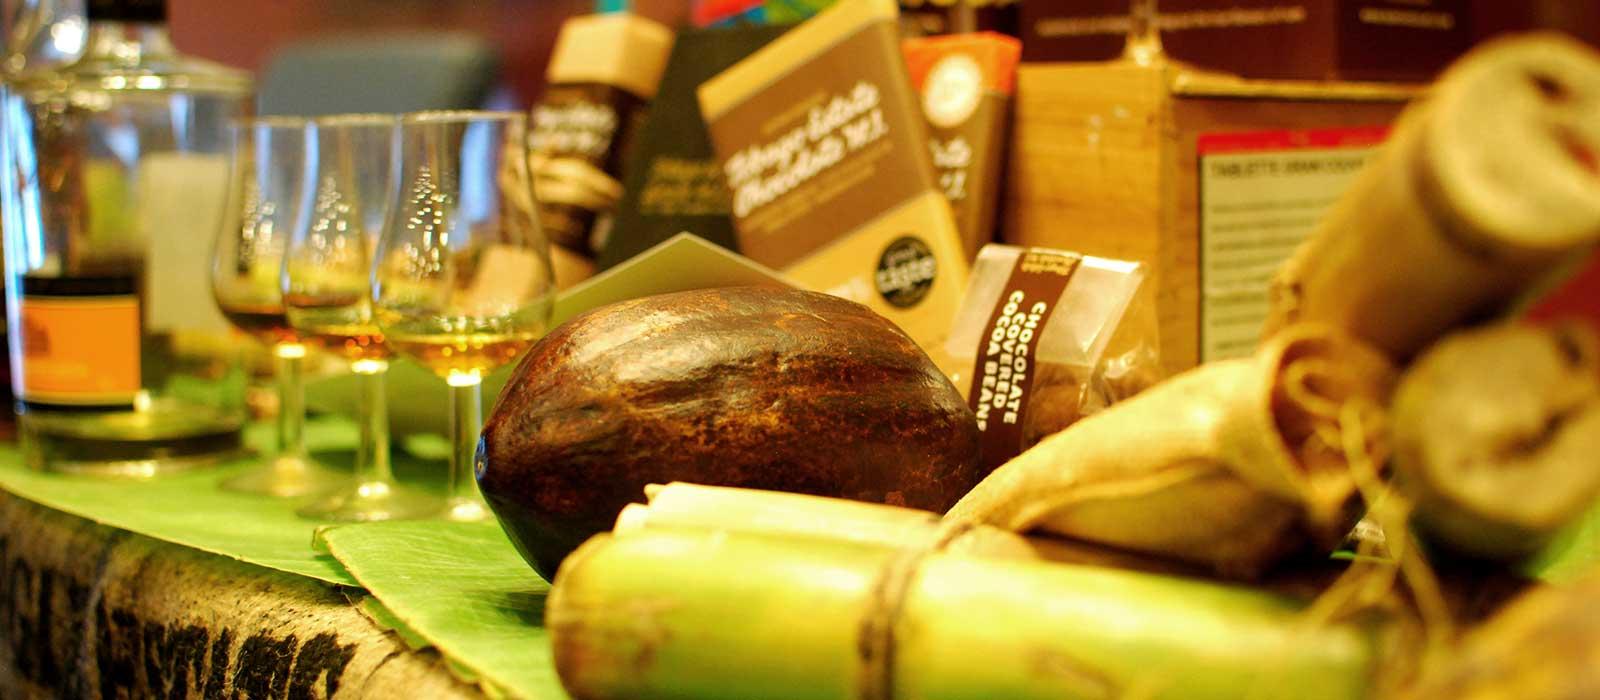 Rom- och chokladprovning med Duane Dove